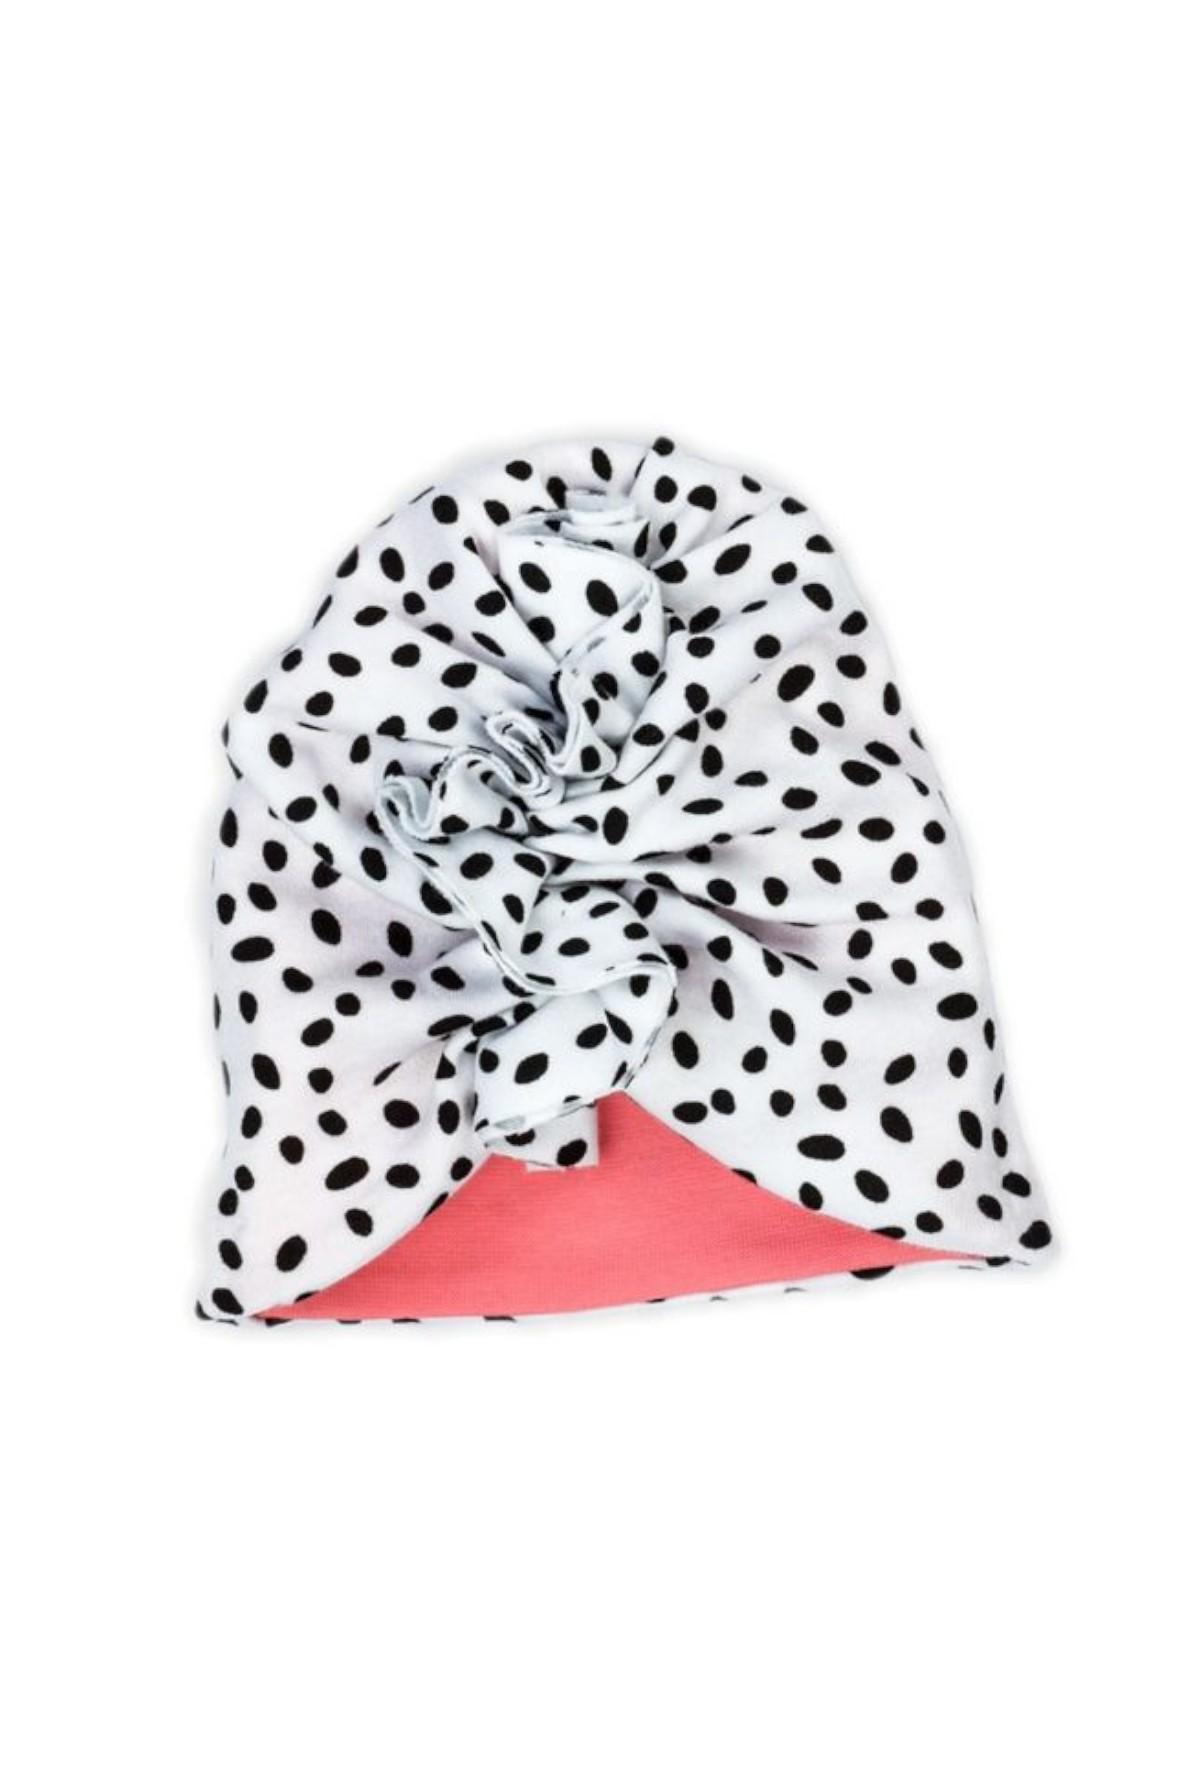 Bawełniany turban wykonany z białej bawę\ełny w czarne kropki